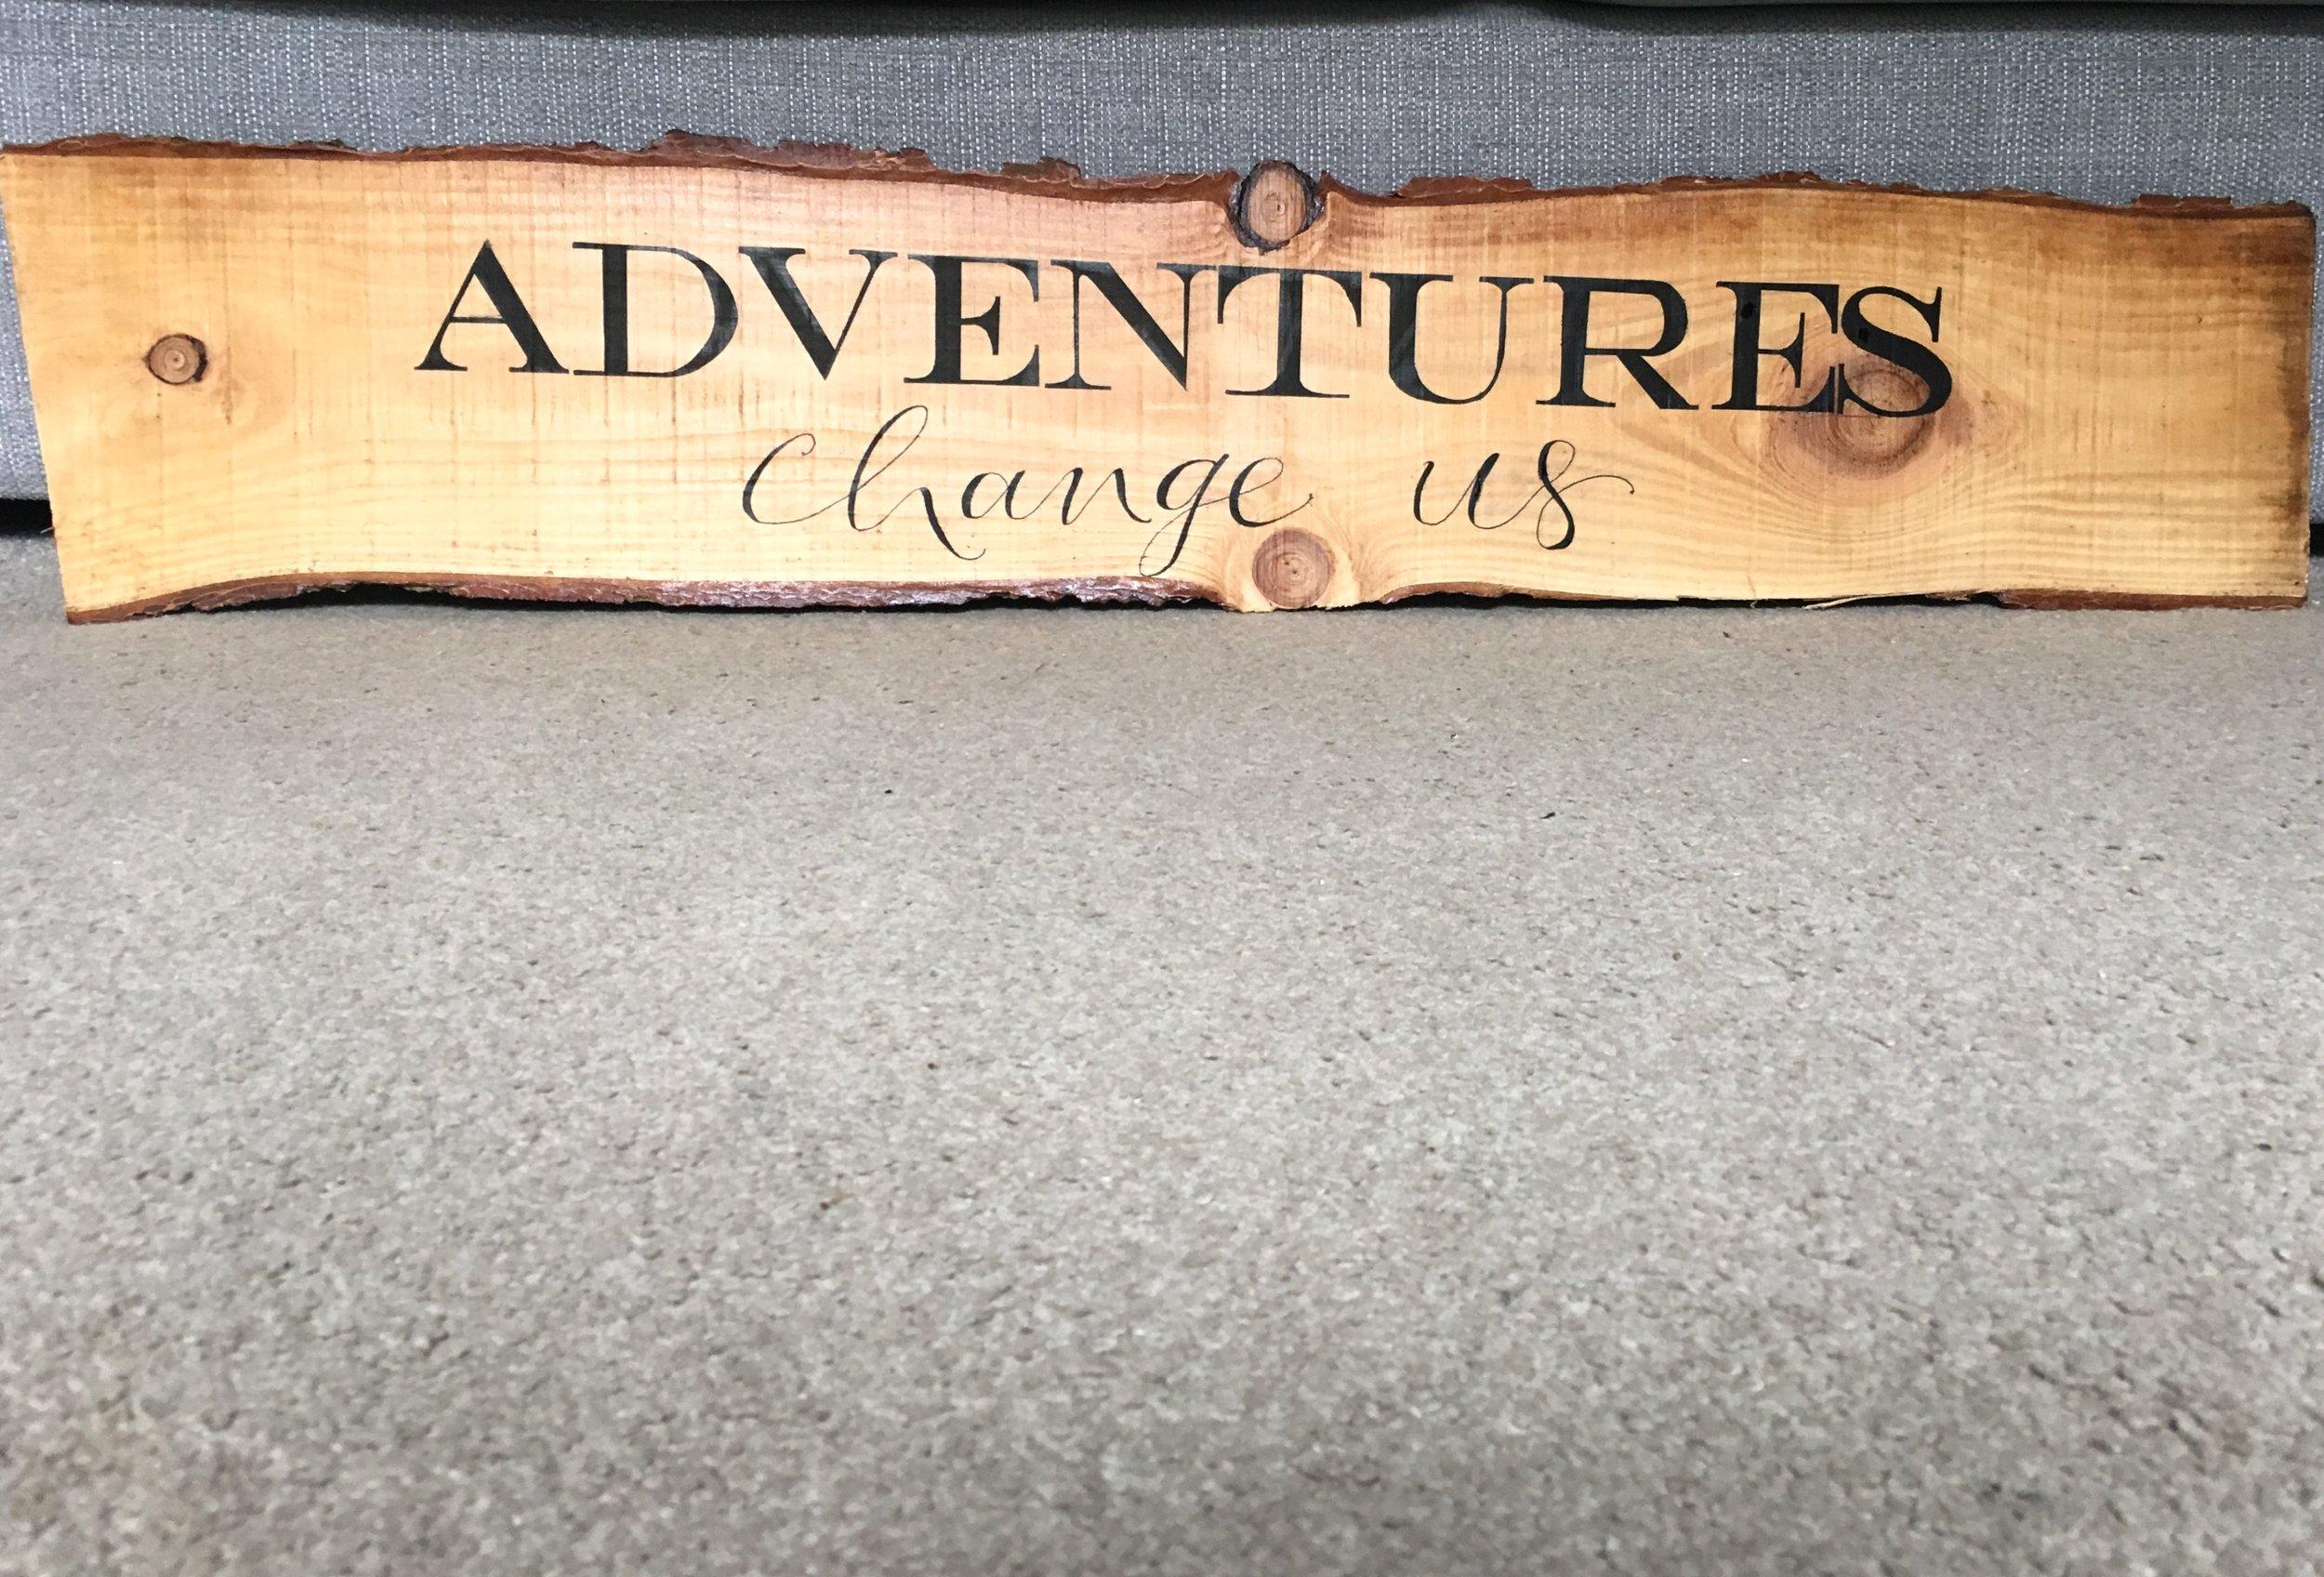 Adventures change us wooden sign.jpg